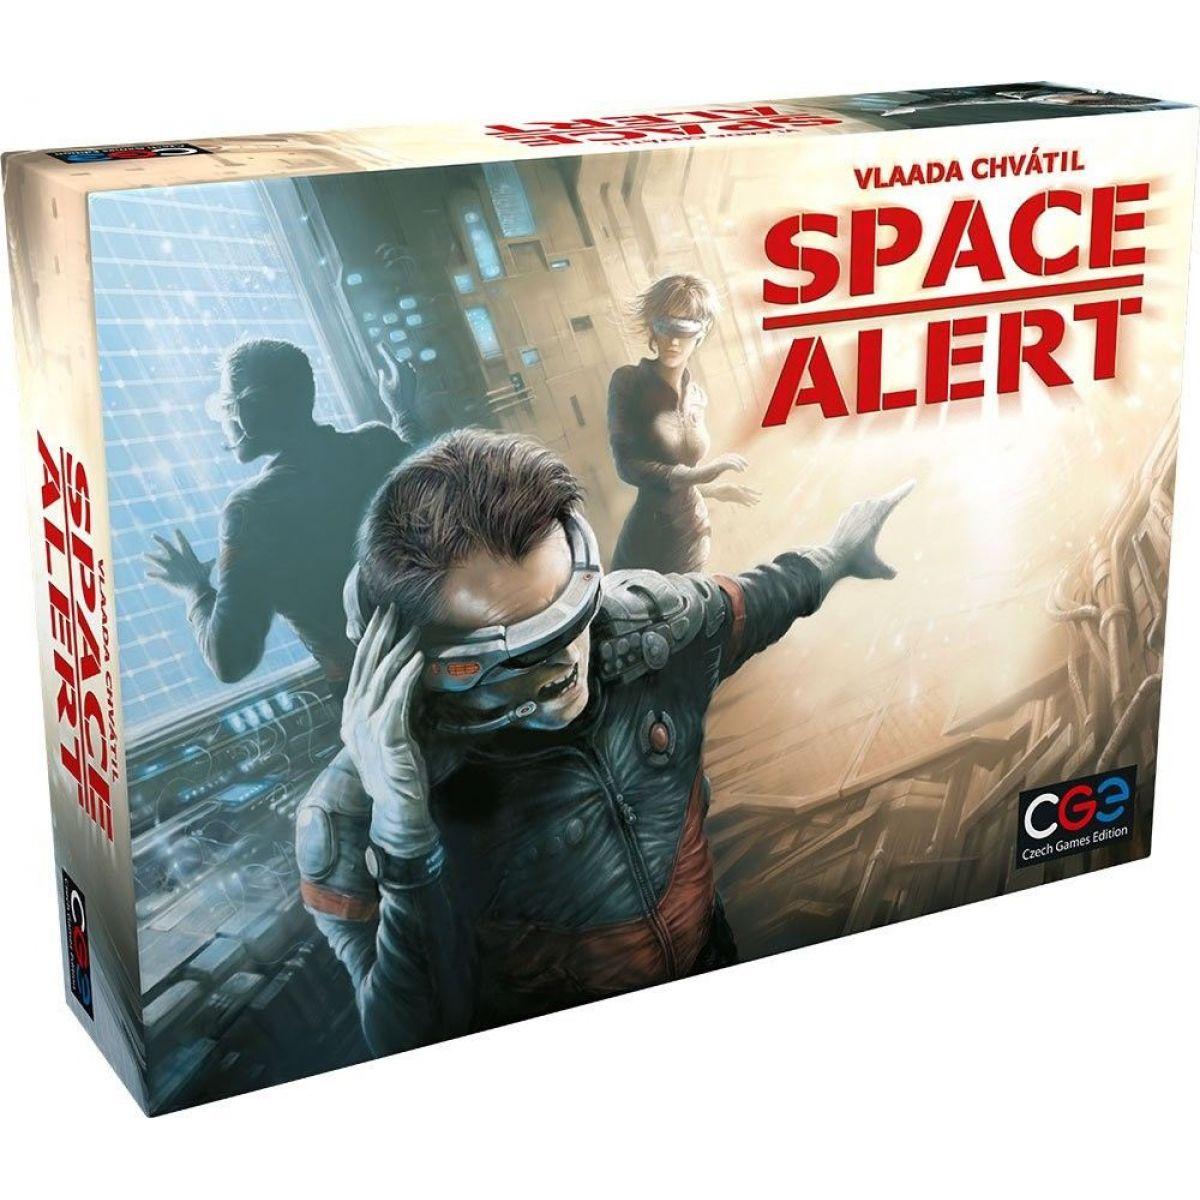 Space Alert C006